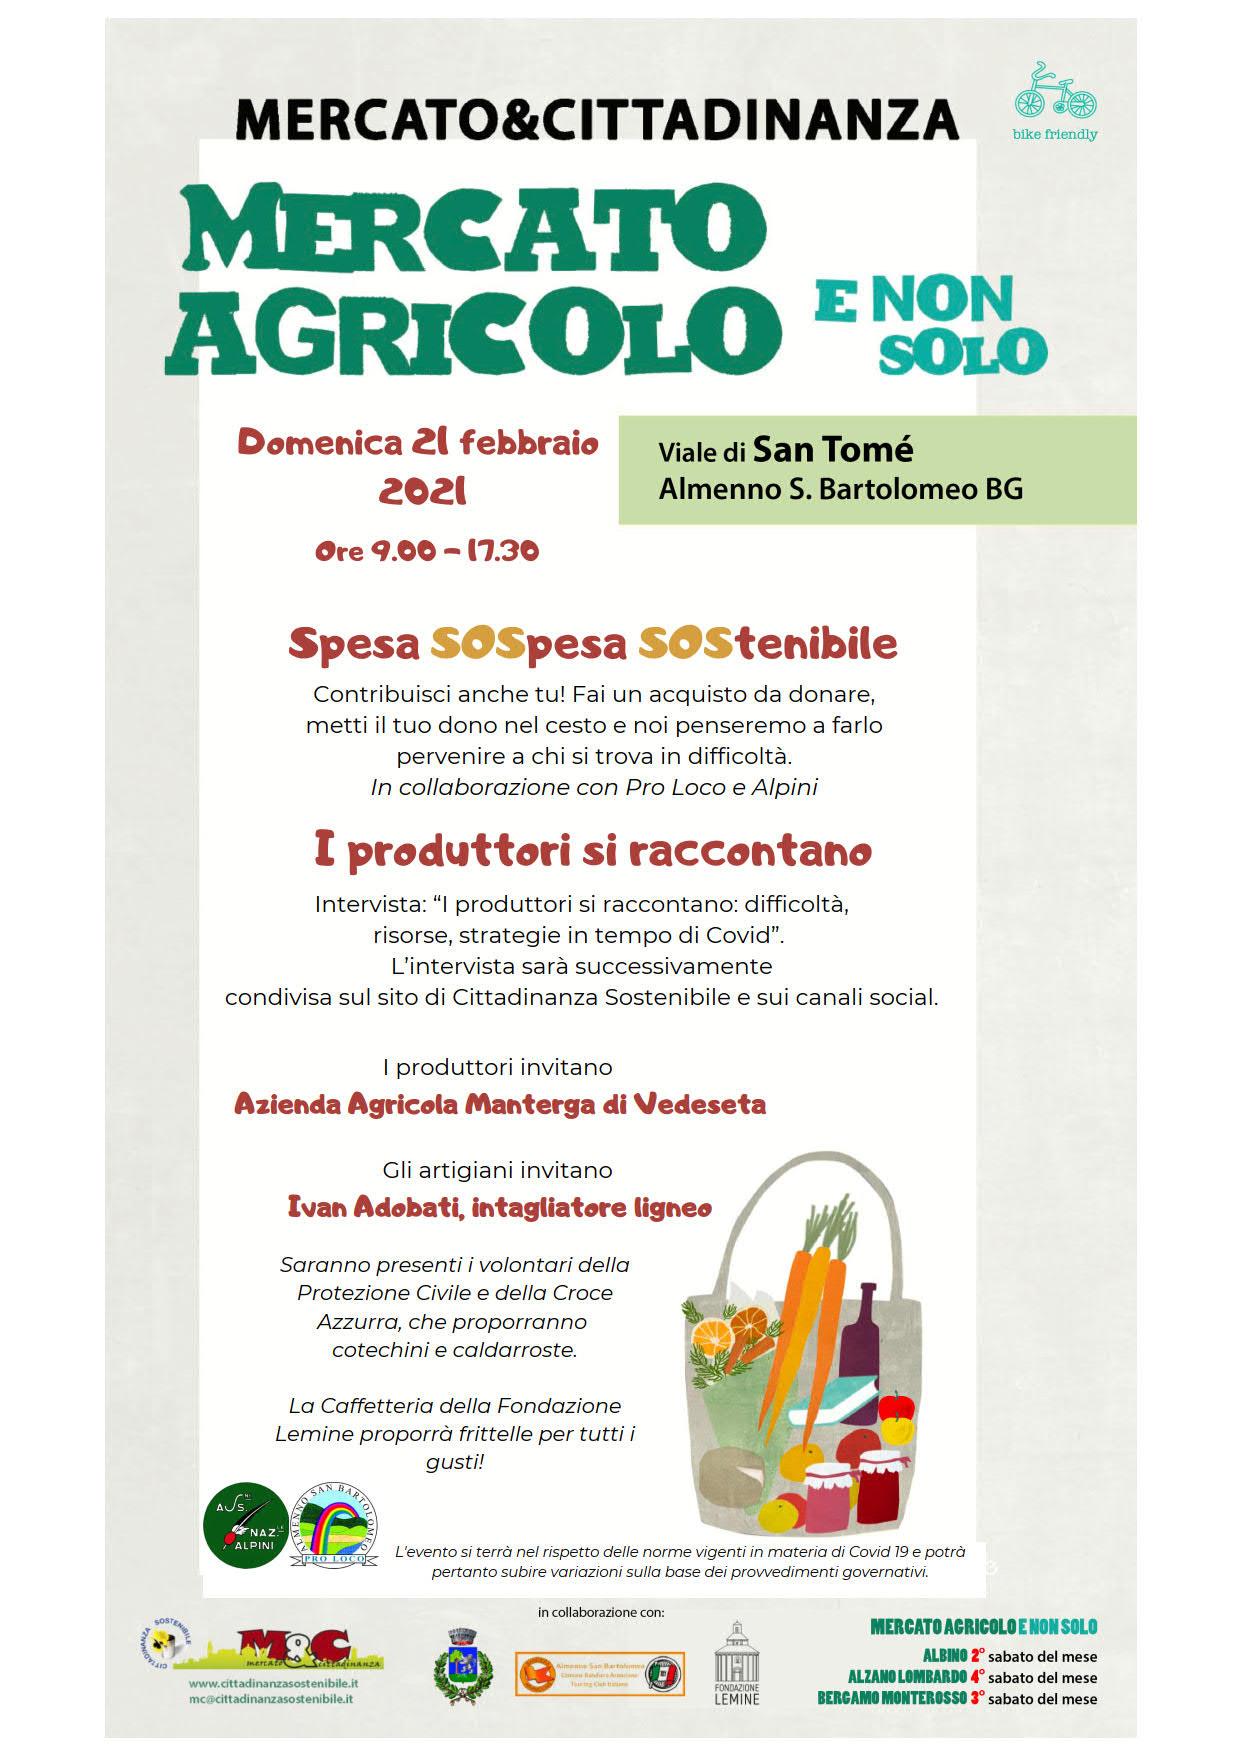 21 febbraio 2021 - Mercato Agricolo E Non Solo a San Tomè di Almenno San Bartolomeo